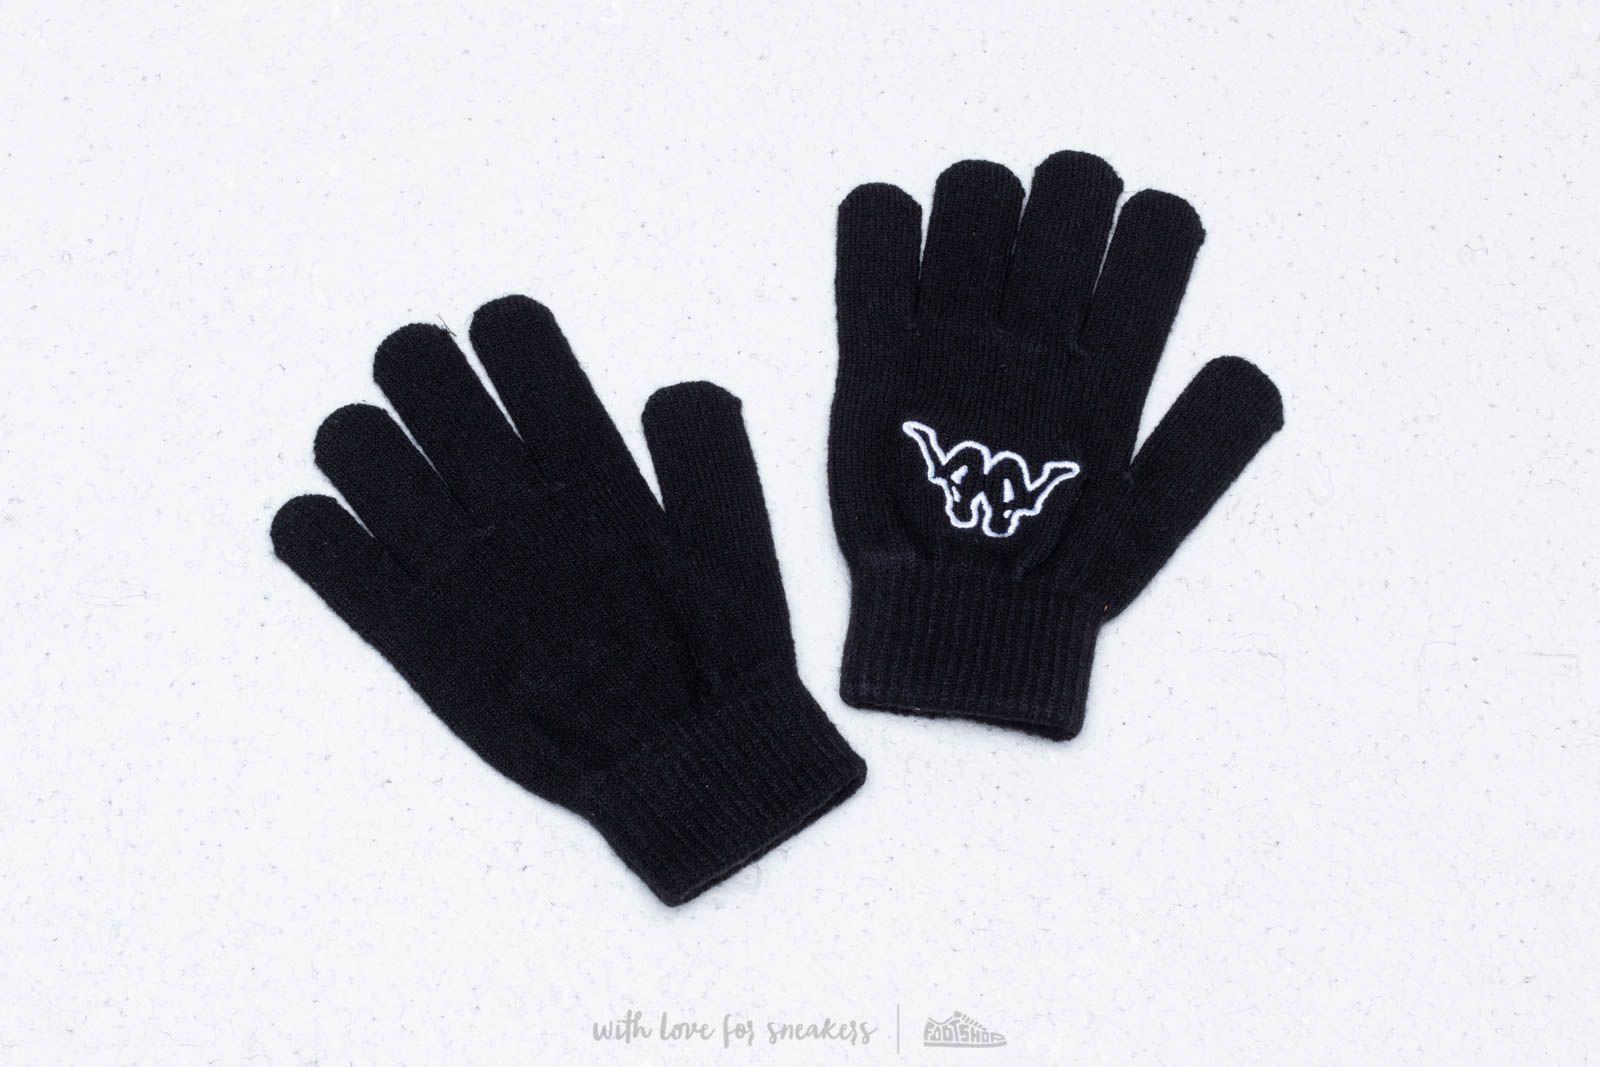 Kappa Logo Foplane Gloves Black za skvělou cenu 299 Kč koupíte na Footshop.cz